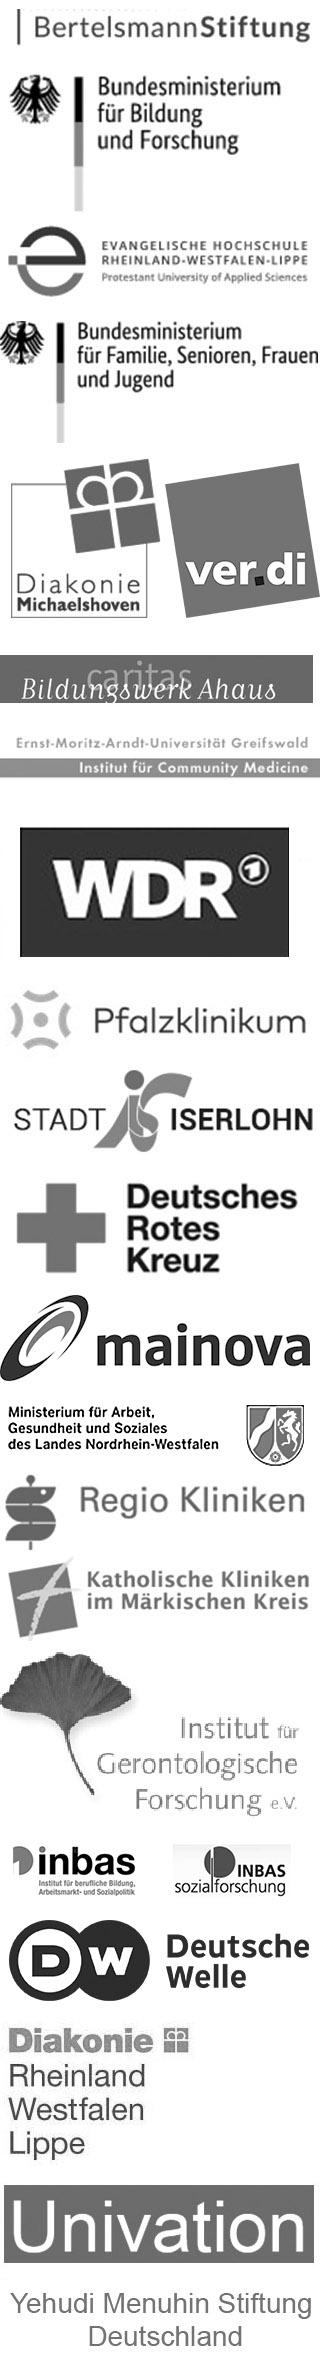 Hartmann&Partner - Referenzen